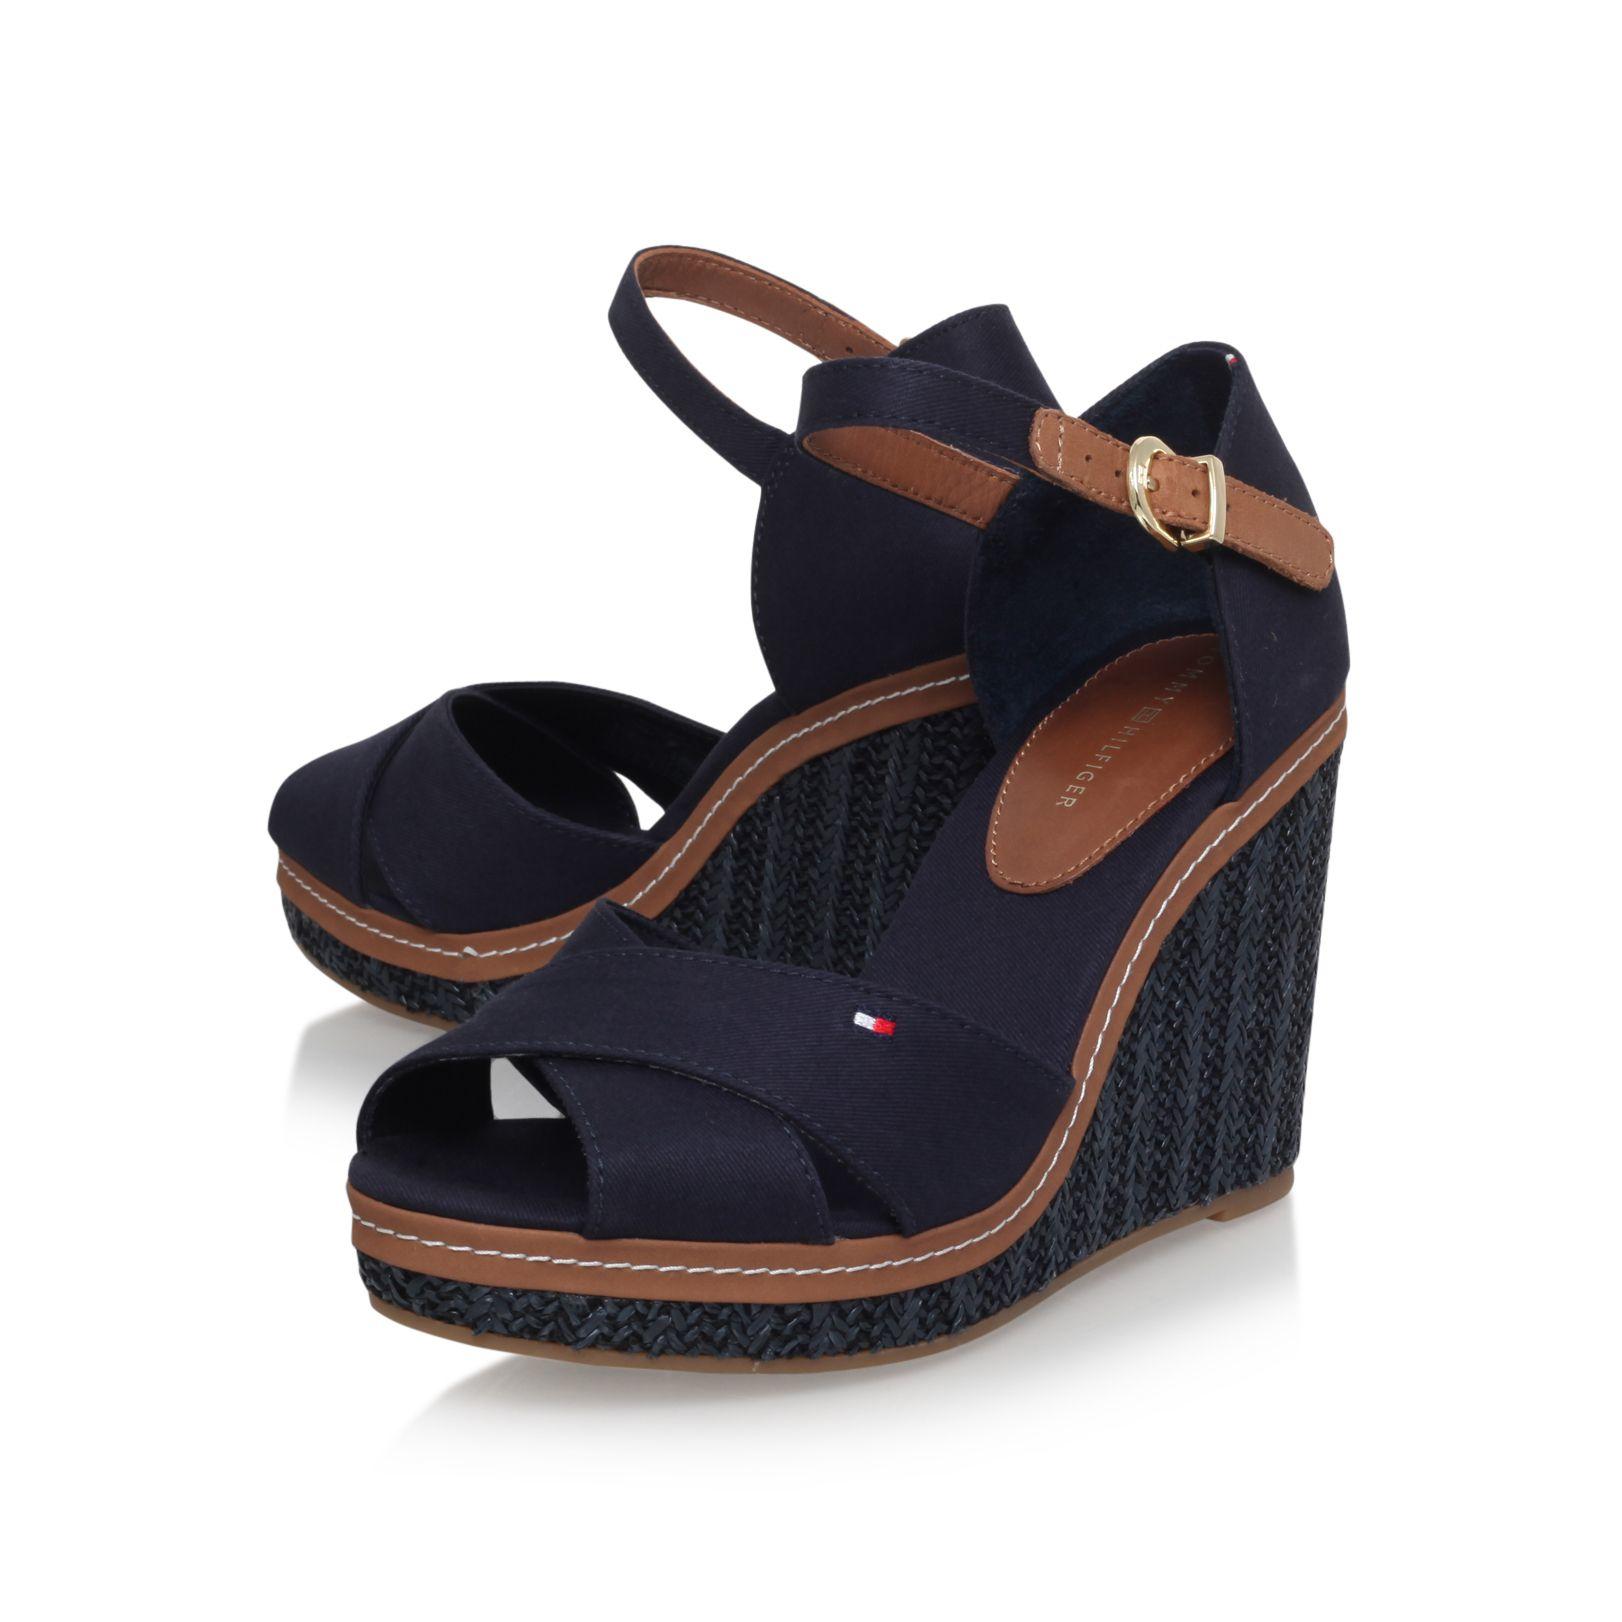 tommy hilfiger elena 4d high wedge heel sandals in blue lyst. Black Bedroom Furniture Sets. Home Design Ideas